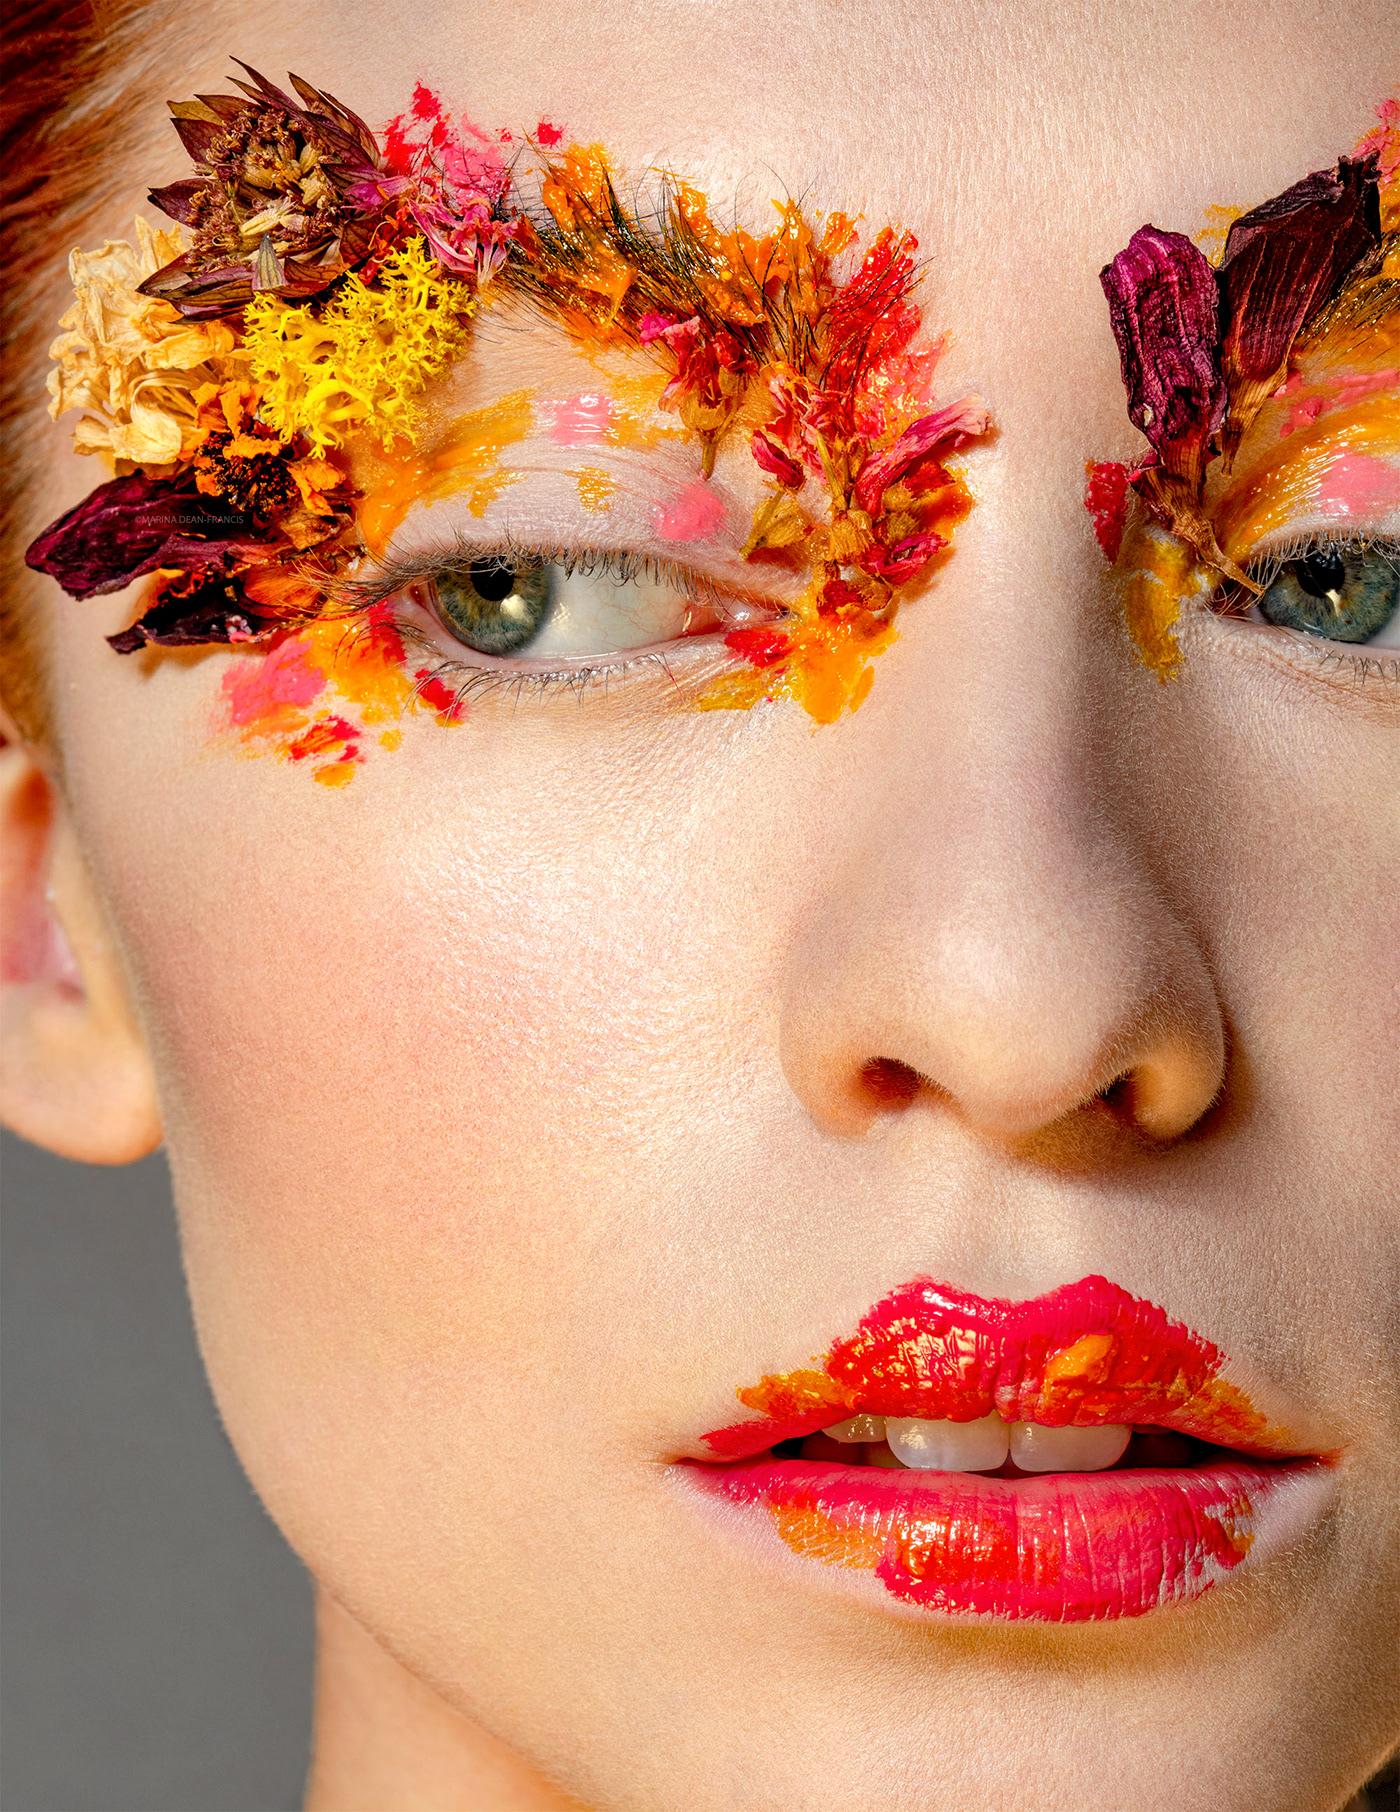 beauty beauty photo BEAUTY PHOTOGRAPHER beauty retouch beauty shoot creative makeup Marina Dean-francis retouching  retouching studio skin retouch